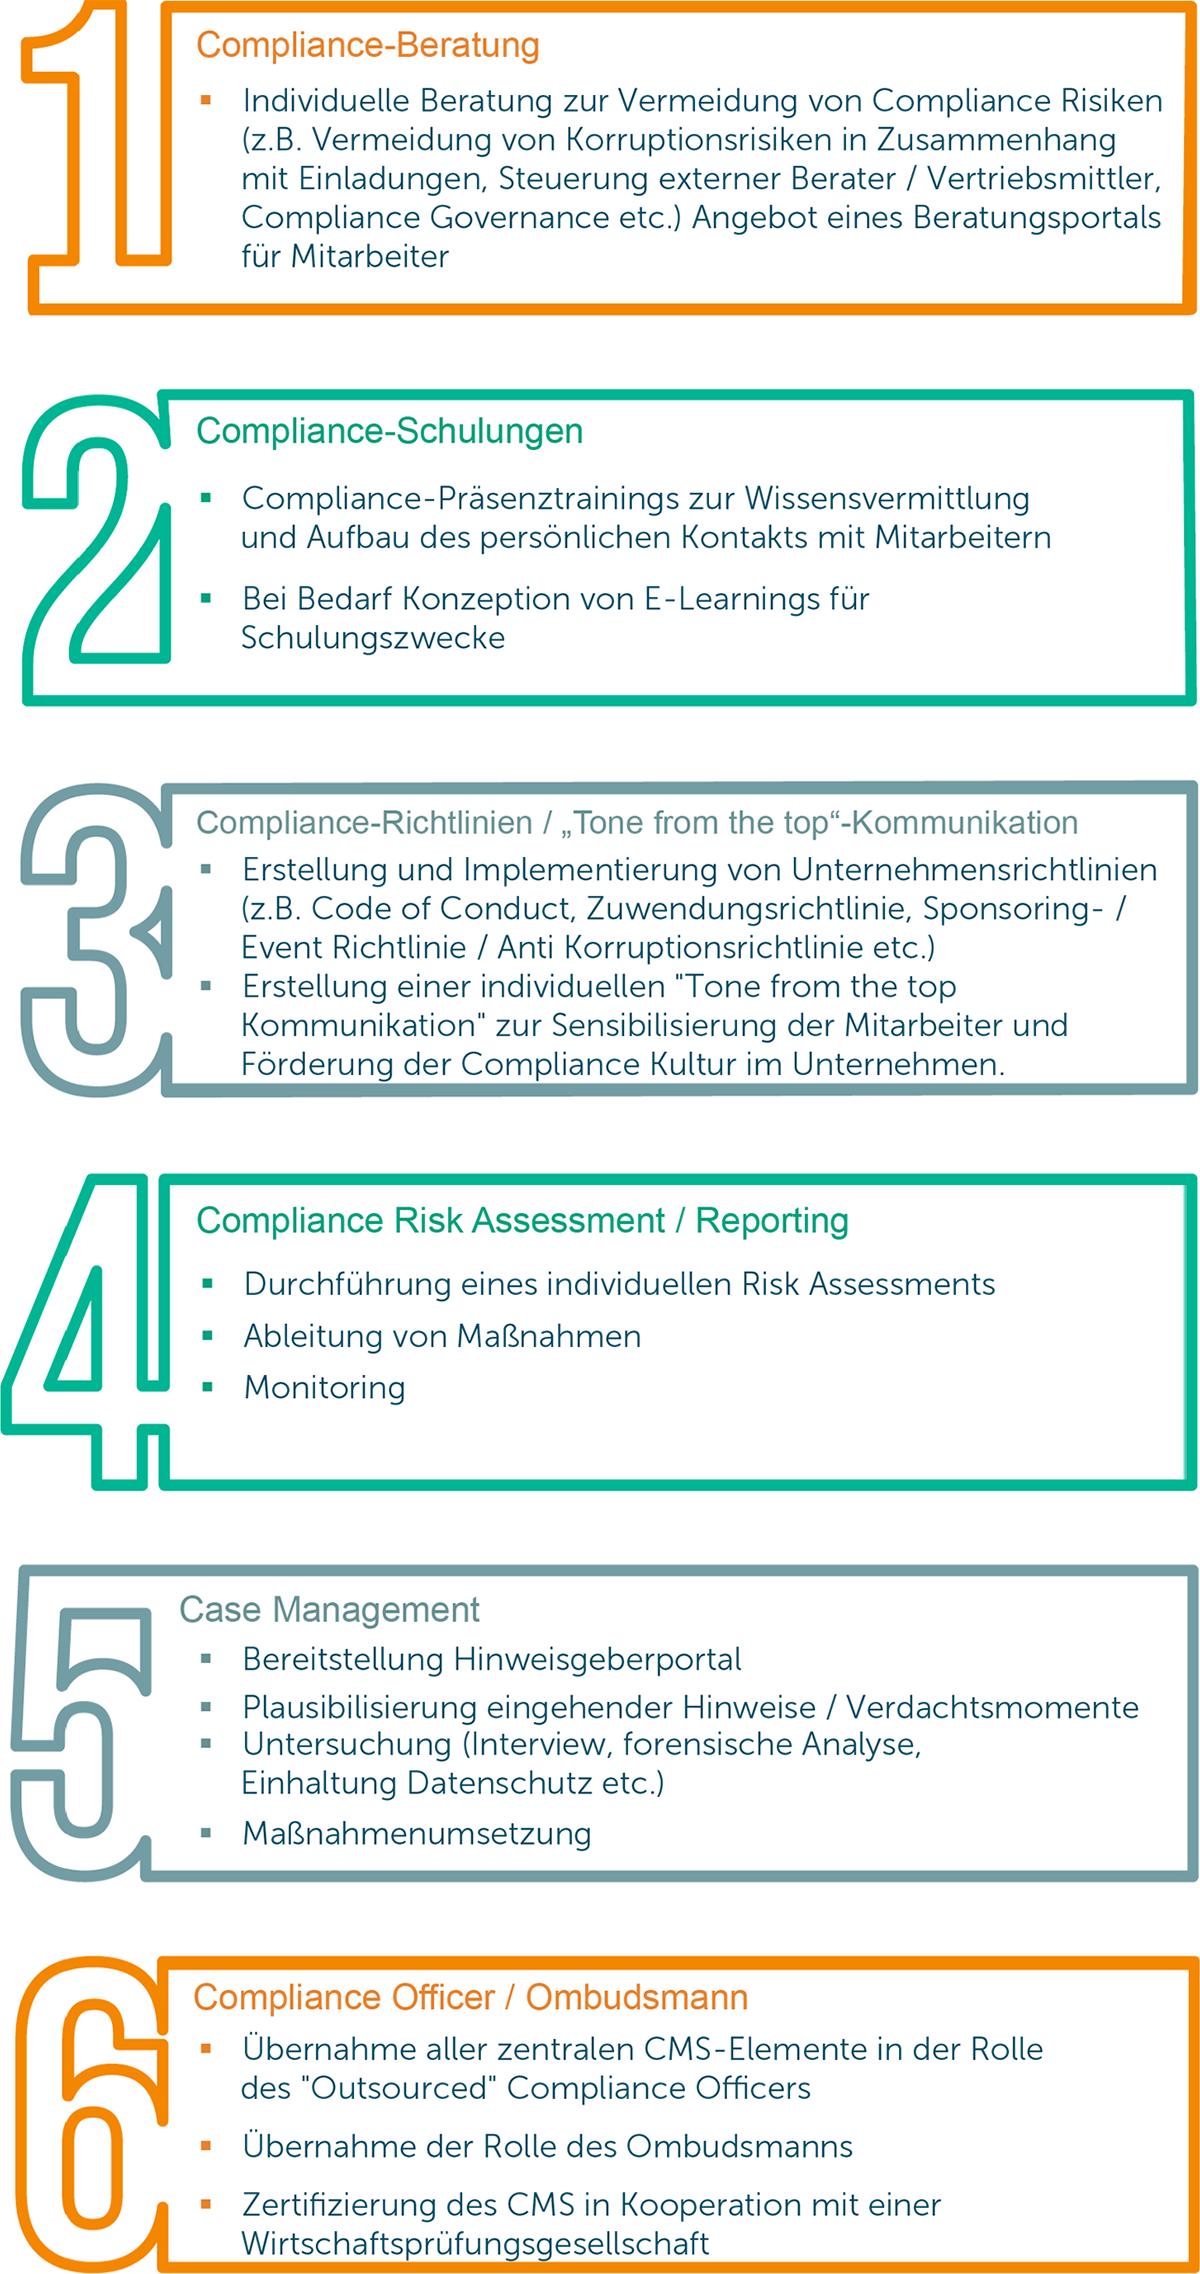 Compliance Officer Services - Module im Überblick